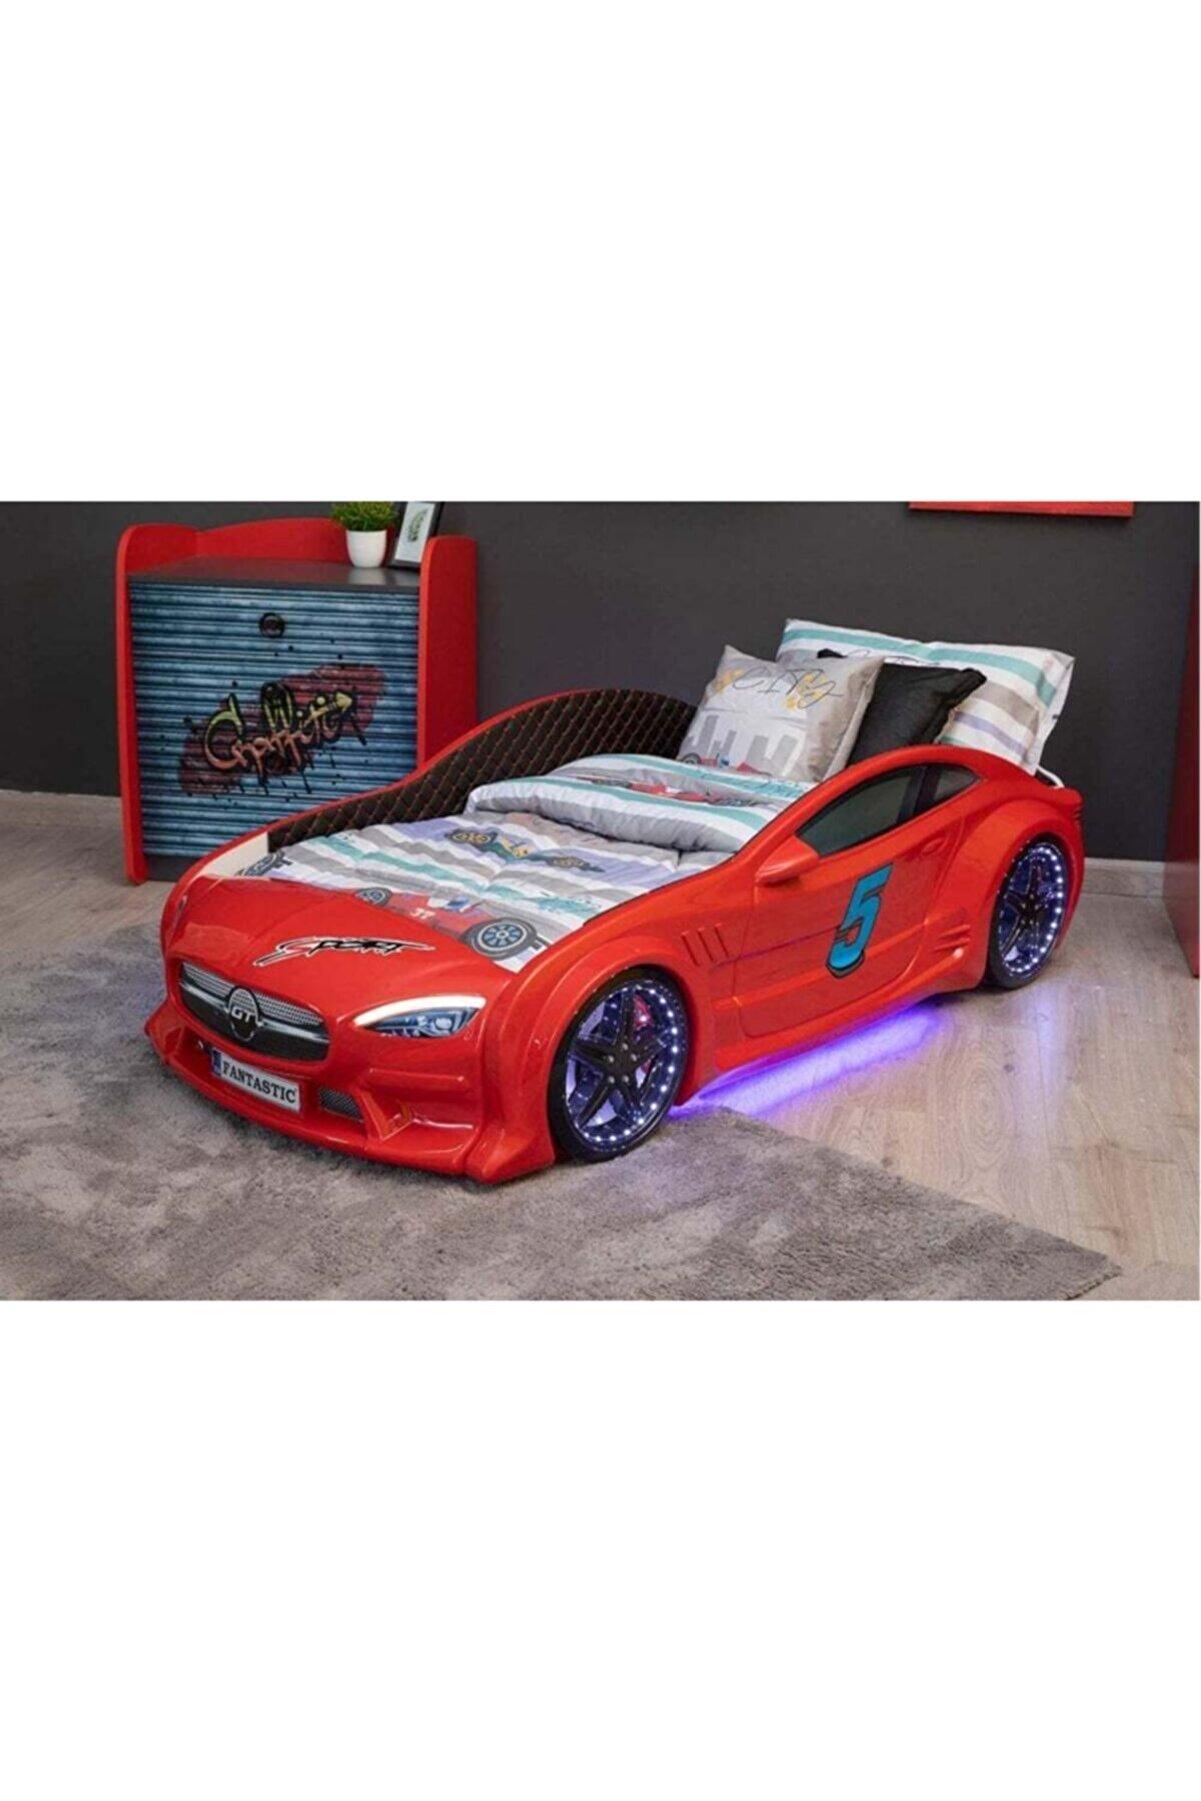 inegoldeneve Mercedes Arabalı Yatak - Full - Koltuklu - Döşemeli - Kırmızı - (80x1.60 Iç Yatak Ölçülü)